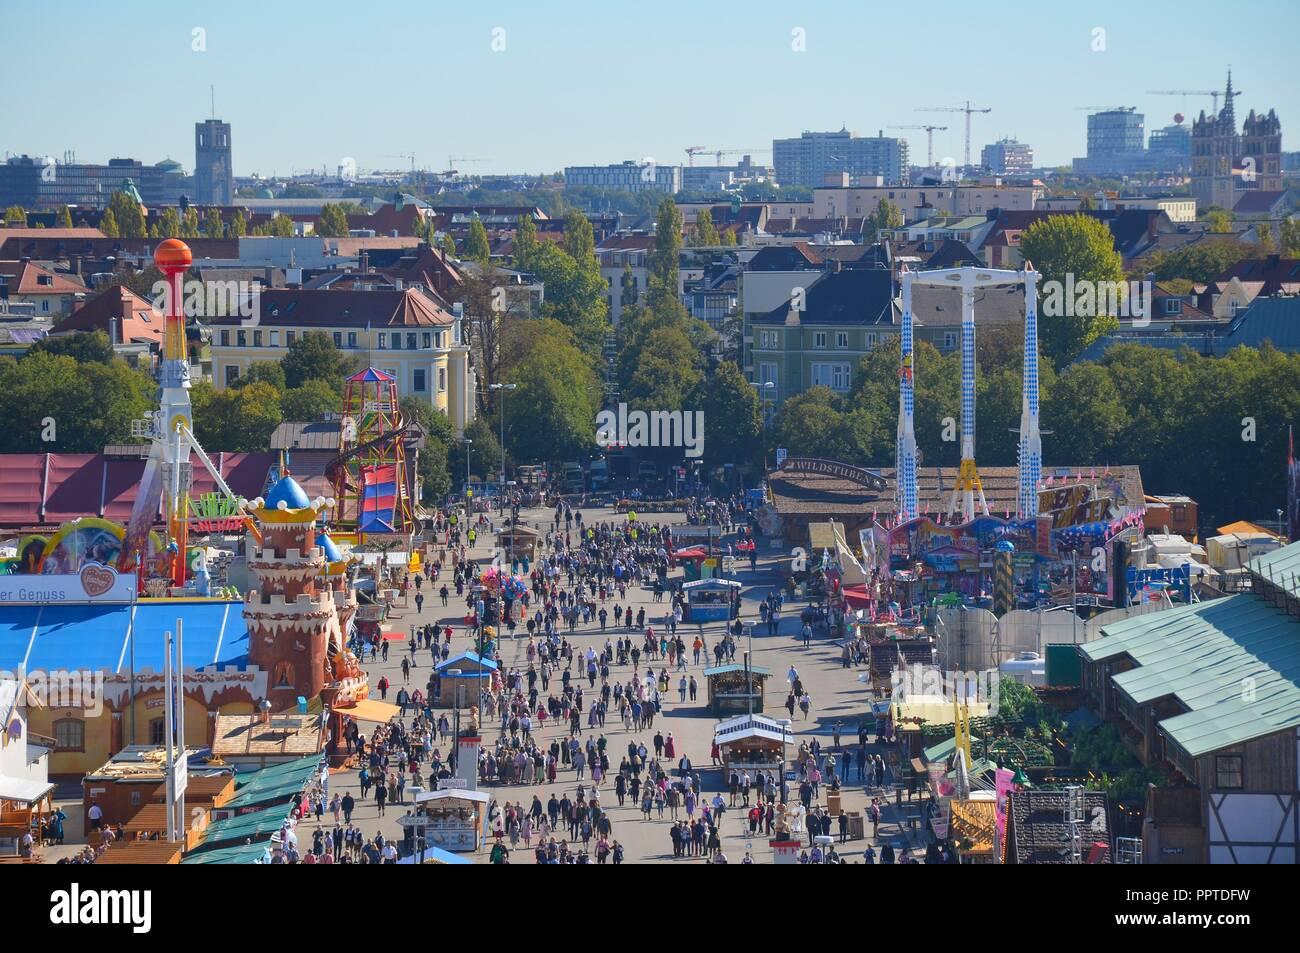 Auf dem Oktoberfest in München, Bayern, im September 2018 - Stock Image